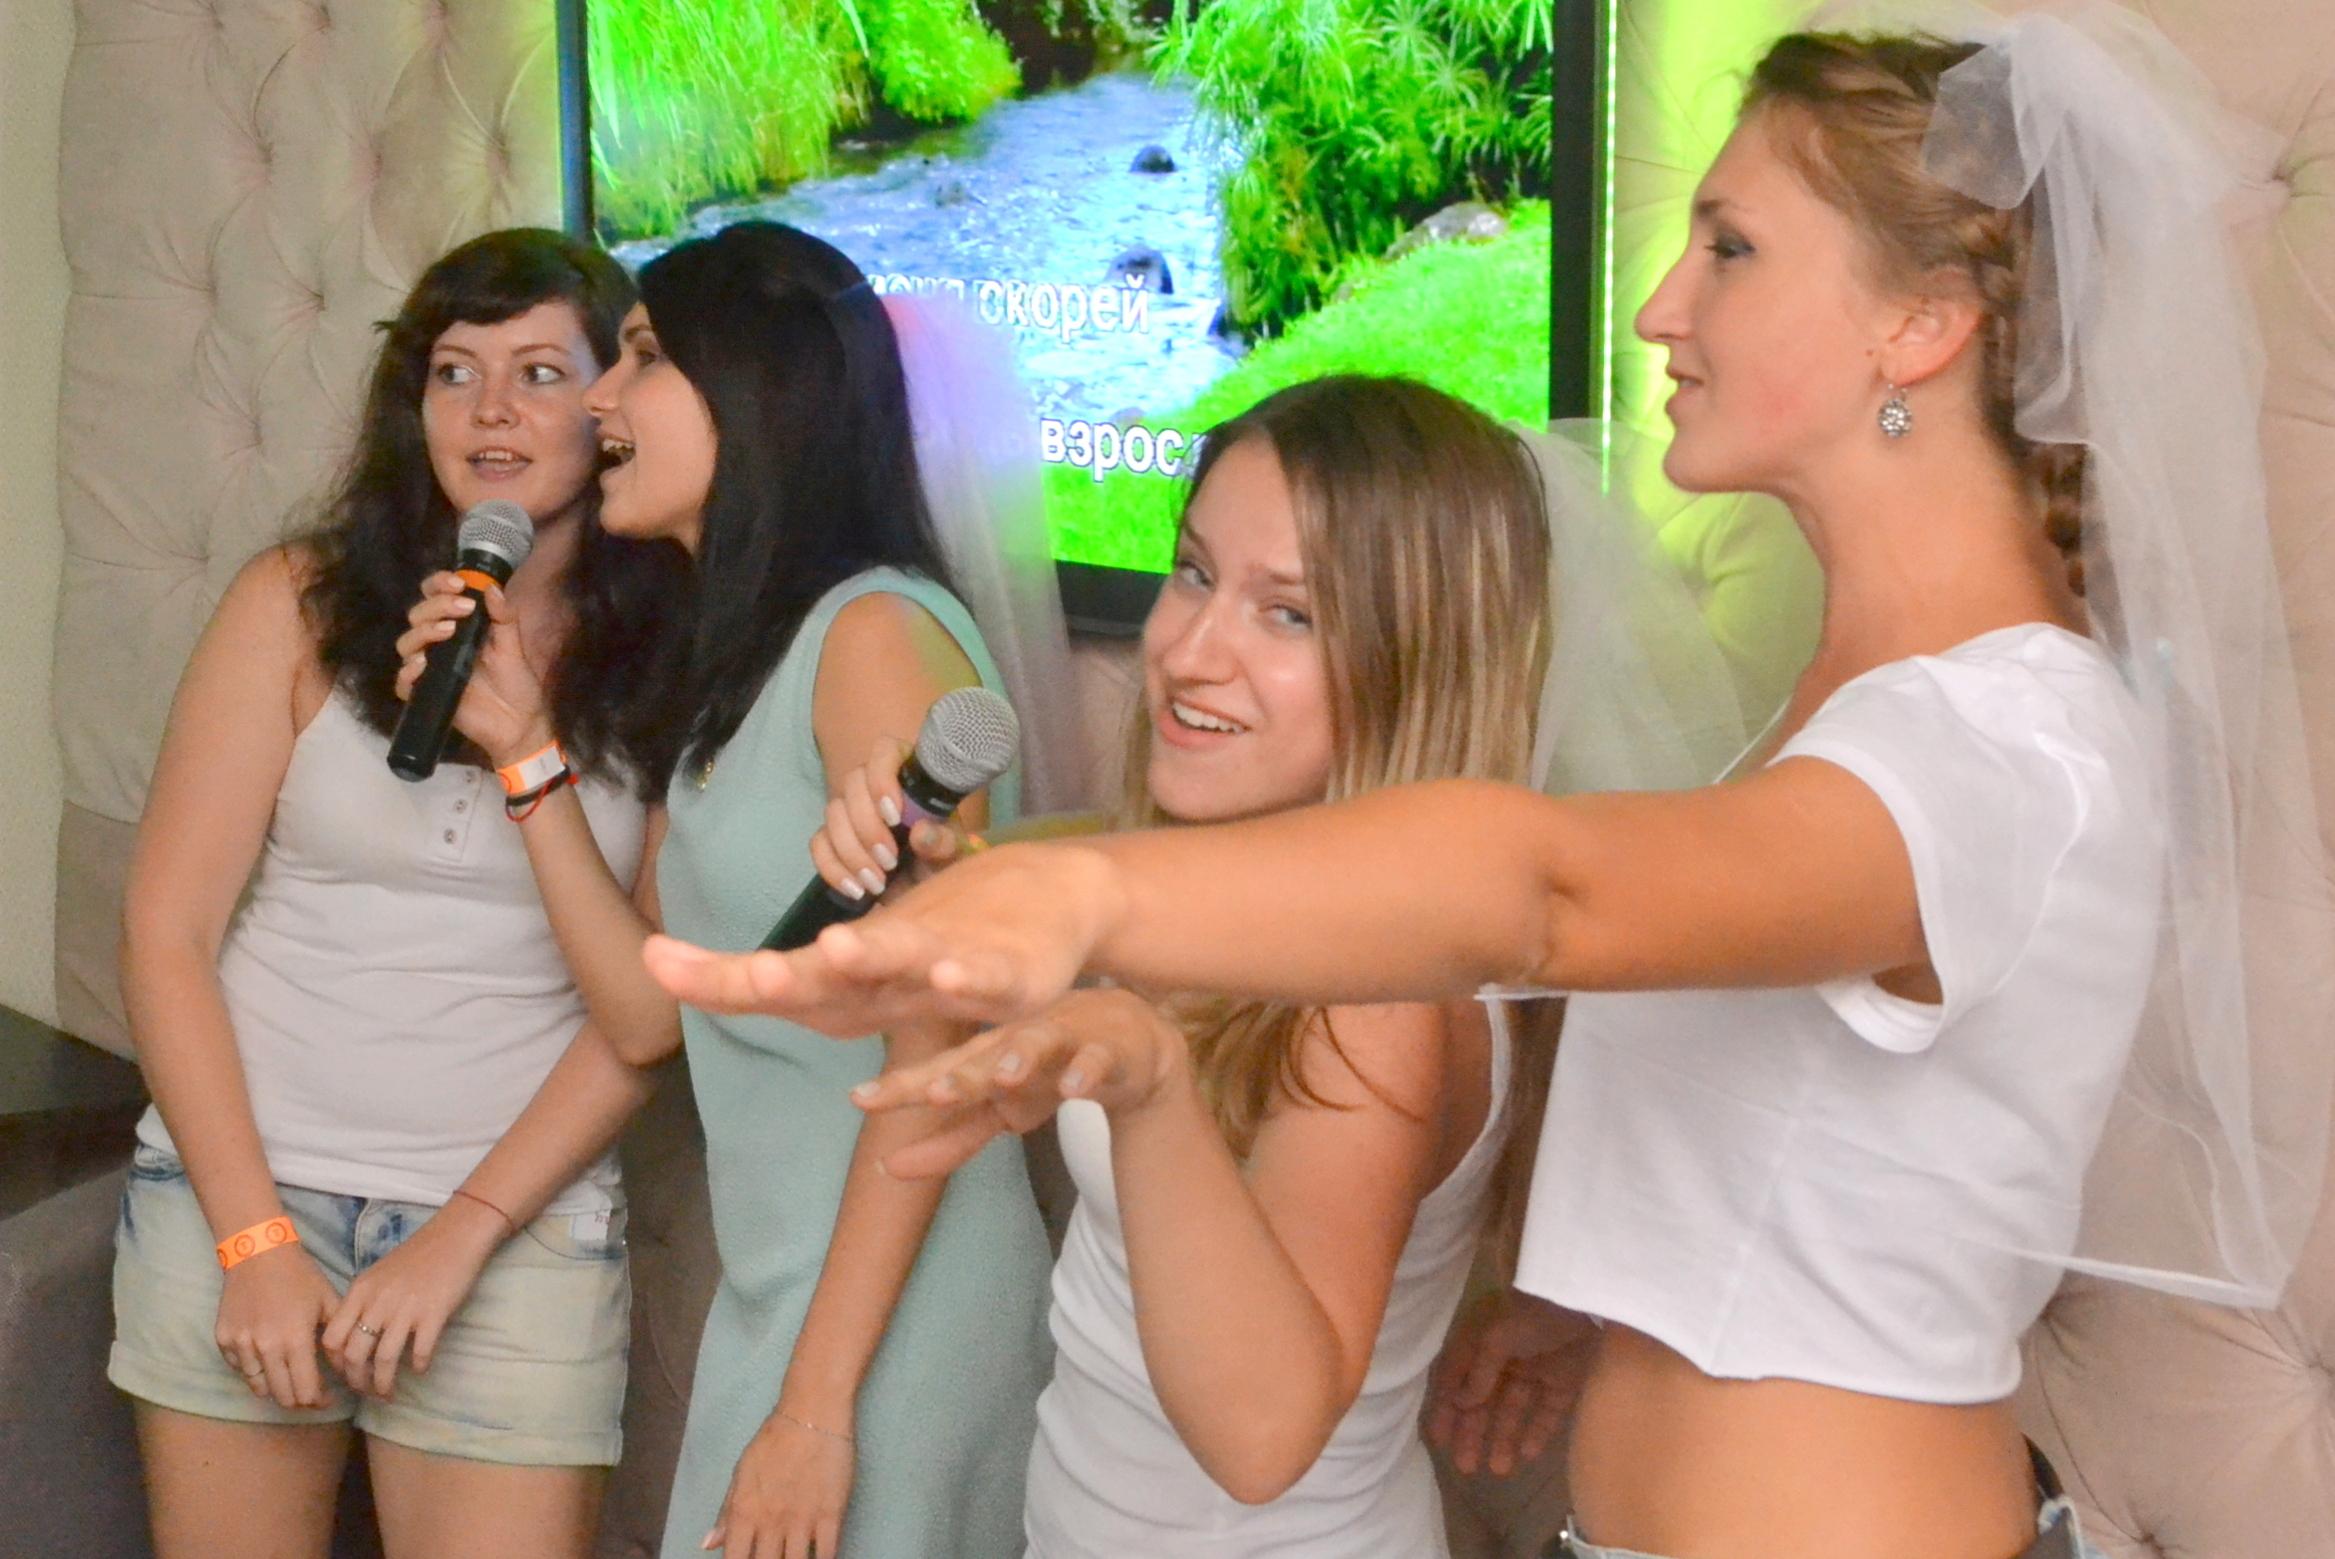 Клеточка существа лесбийские клубы в москве пожалуй